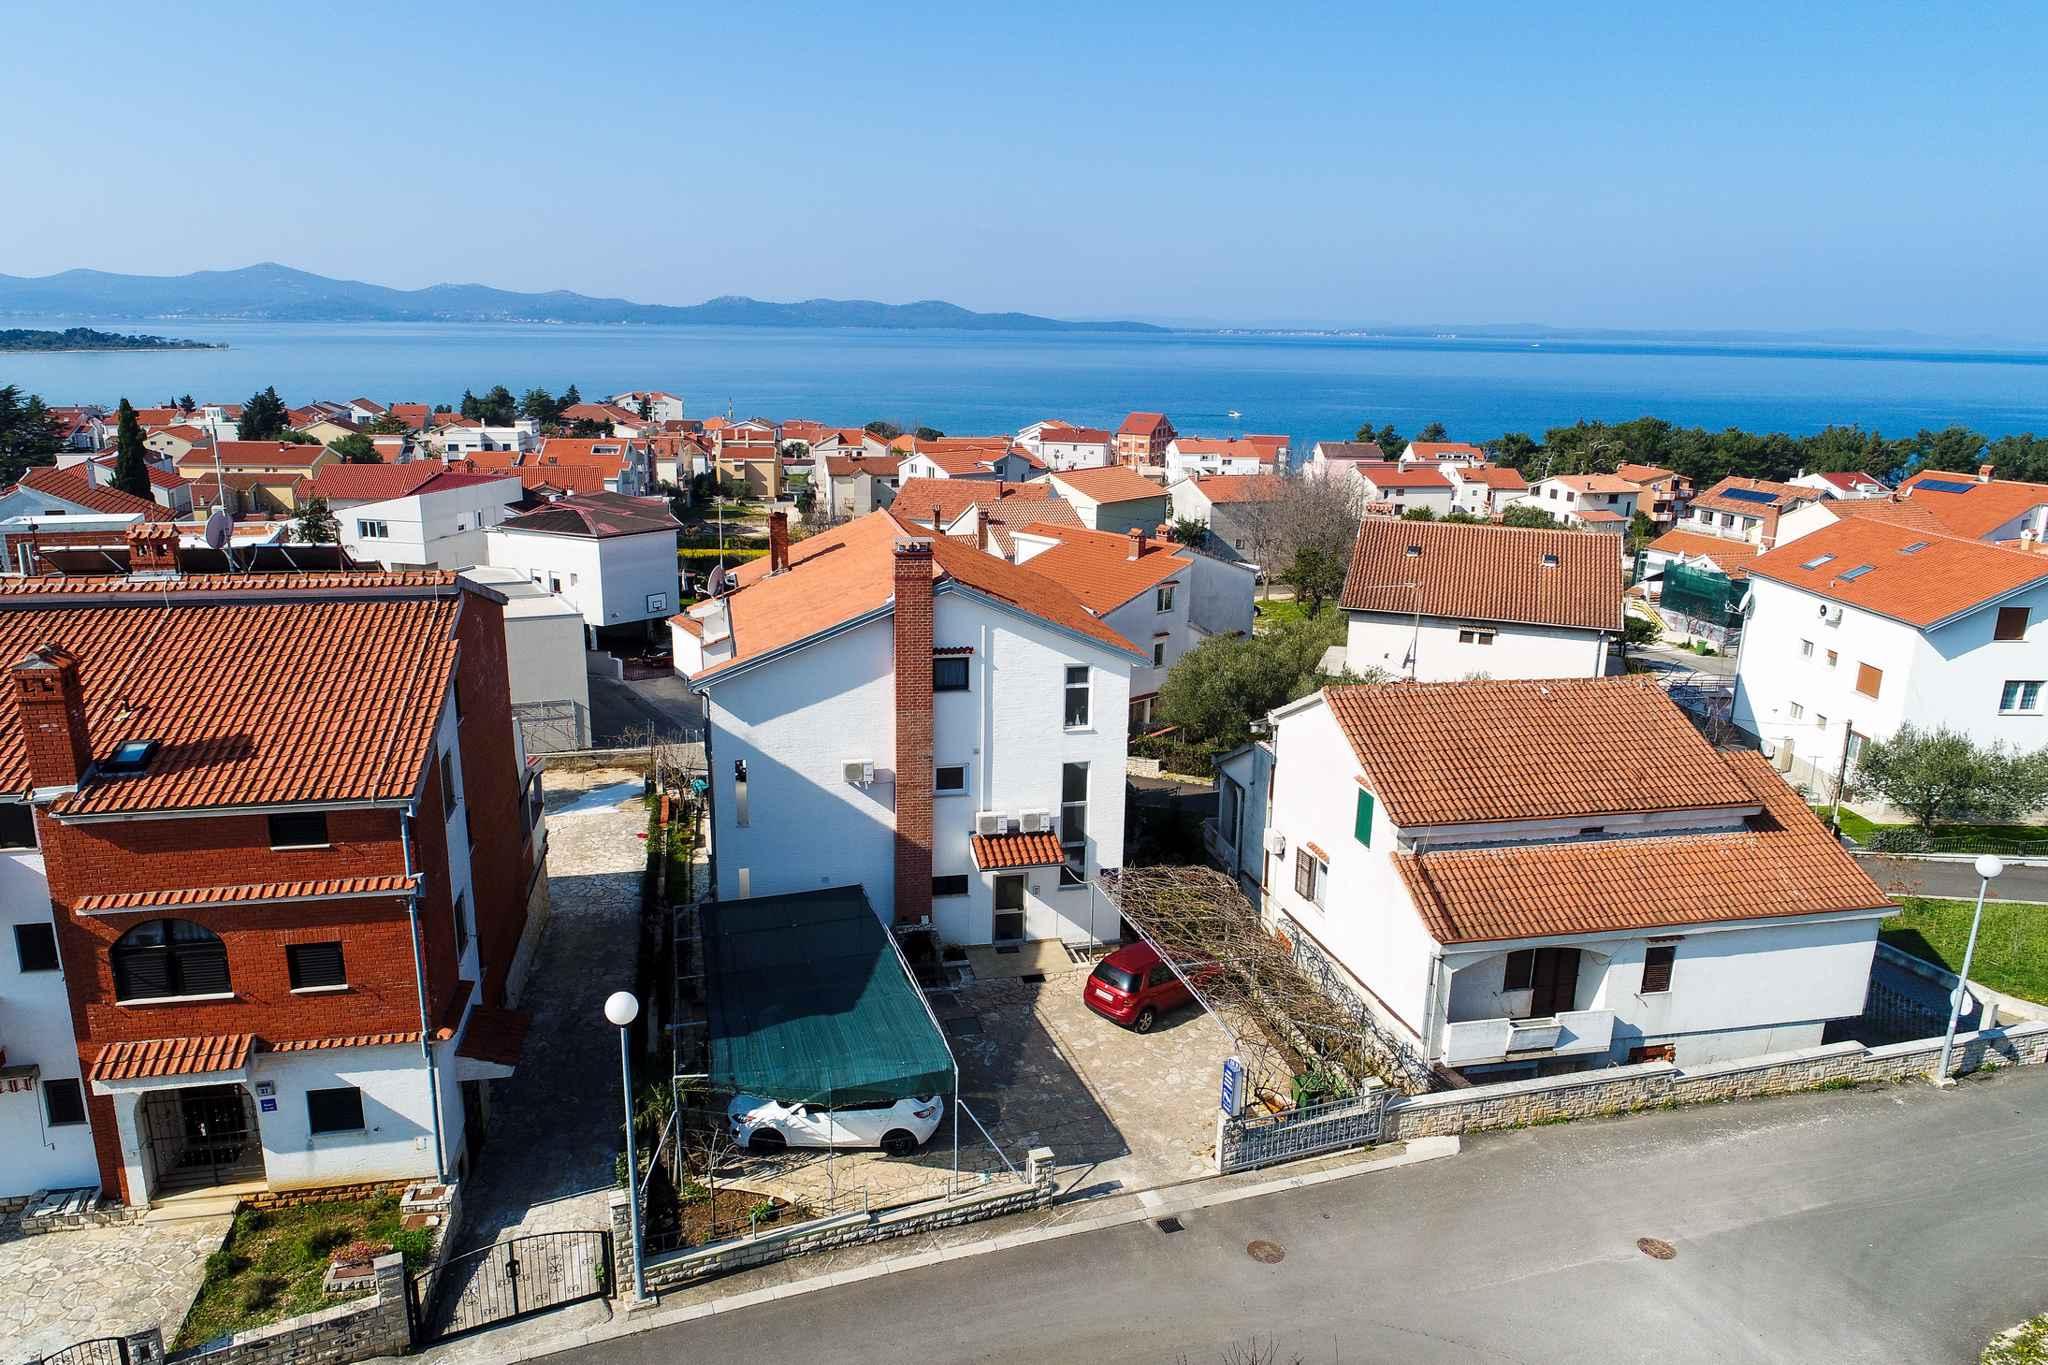 Ferienwohnung mit 4 Bäder nur 250 m von der Adria (278909), Zadar, , Dalmatien, Kroatien, Bild 3